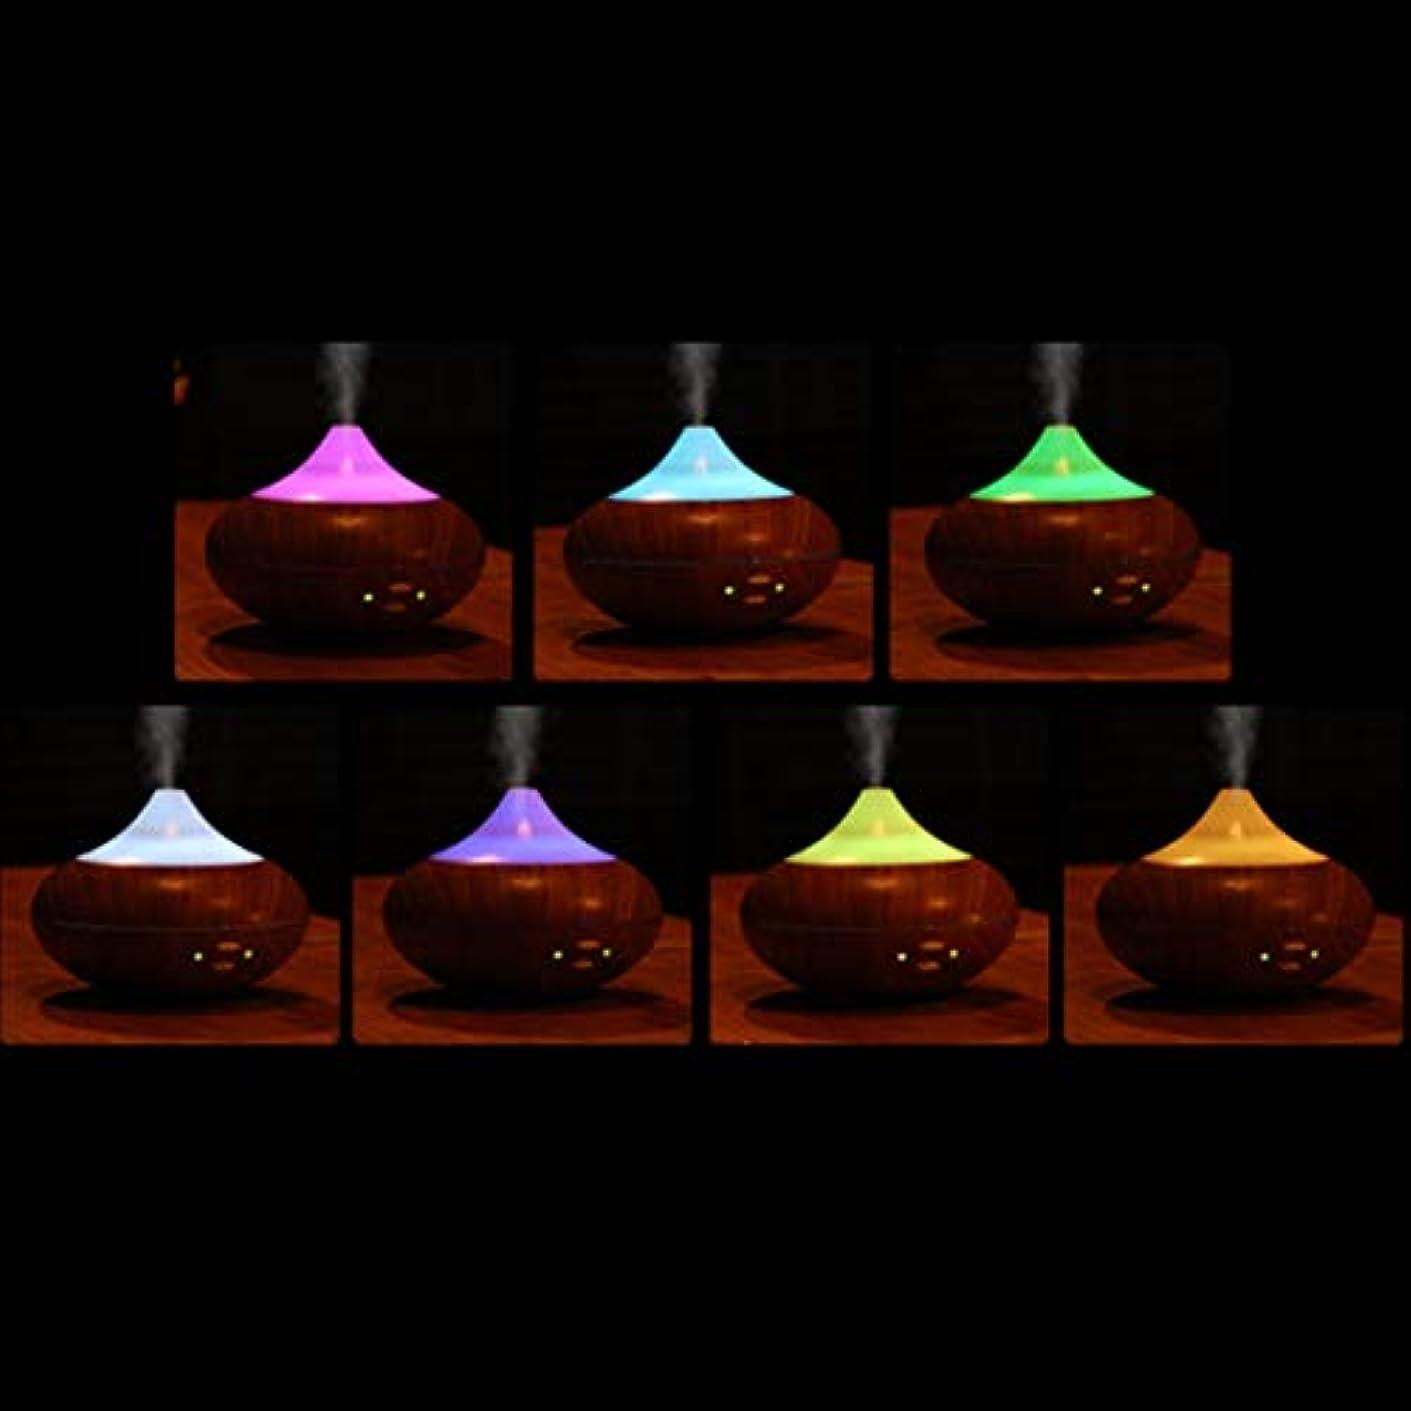 カカドゥサイクロプス反毒ウッドカラーled超音波サウンドスマートアロマディフューザーエッセンシャルオイルエアディフューザー加湿器アロマミスト用ホームオフィス(ウッドカラー)